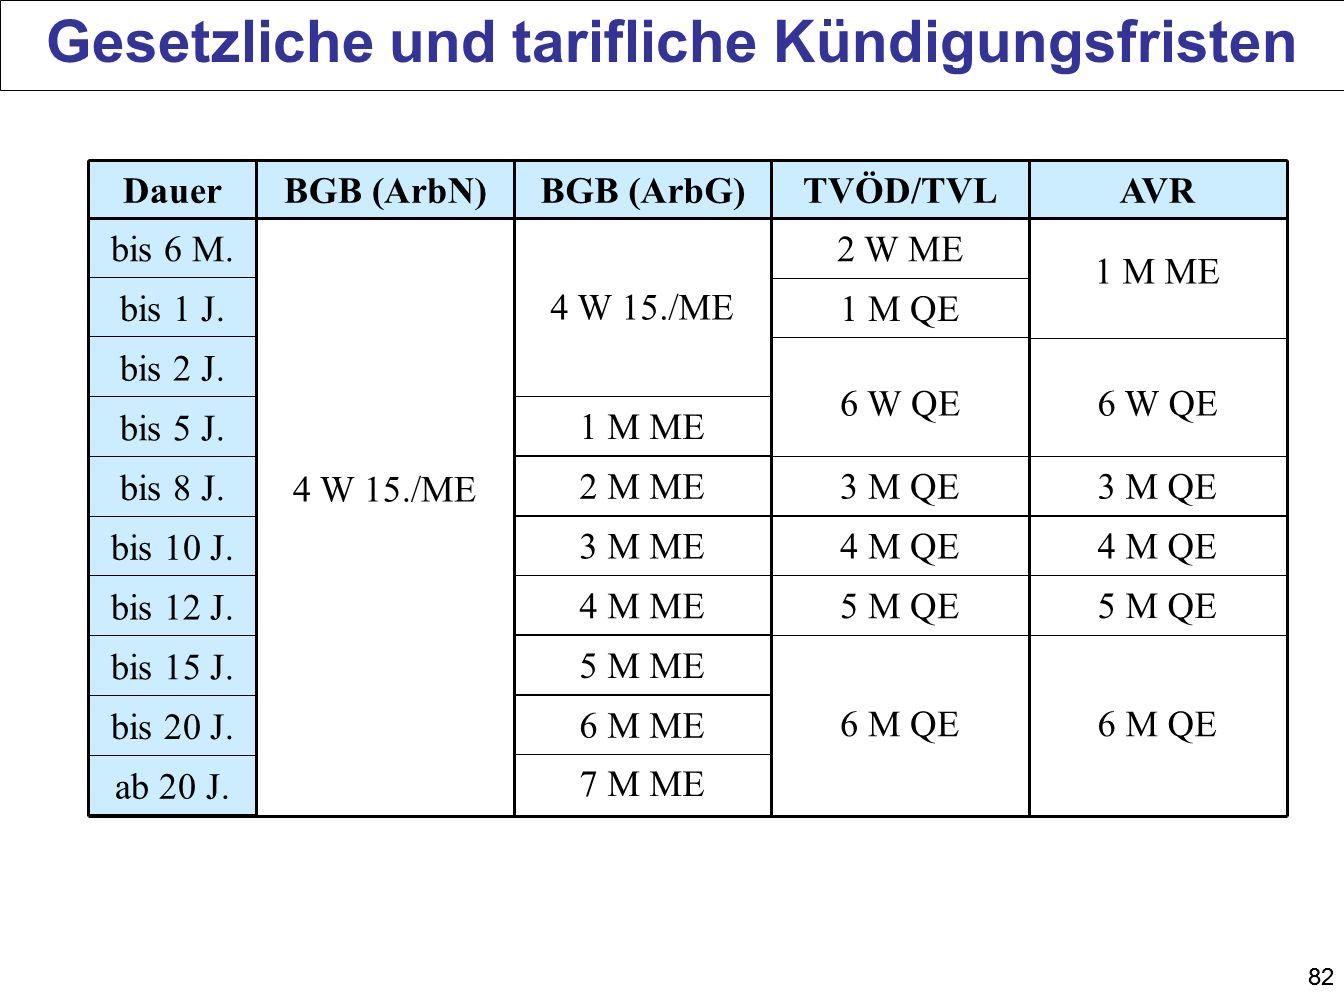 82 BGB (ArbN)BGB (ArbG)TVÖD/TVLAVRDauer bis 6 M. bis 1 J. bis 2 J. bis 5 J. bis 8 J. bis 10 J. bis 12 J. bis 15 J. bis 20 J. ab 20 J. 4 W 15./ME 1 M M